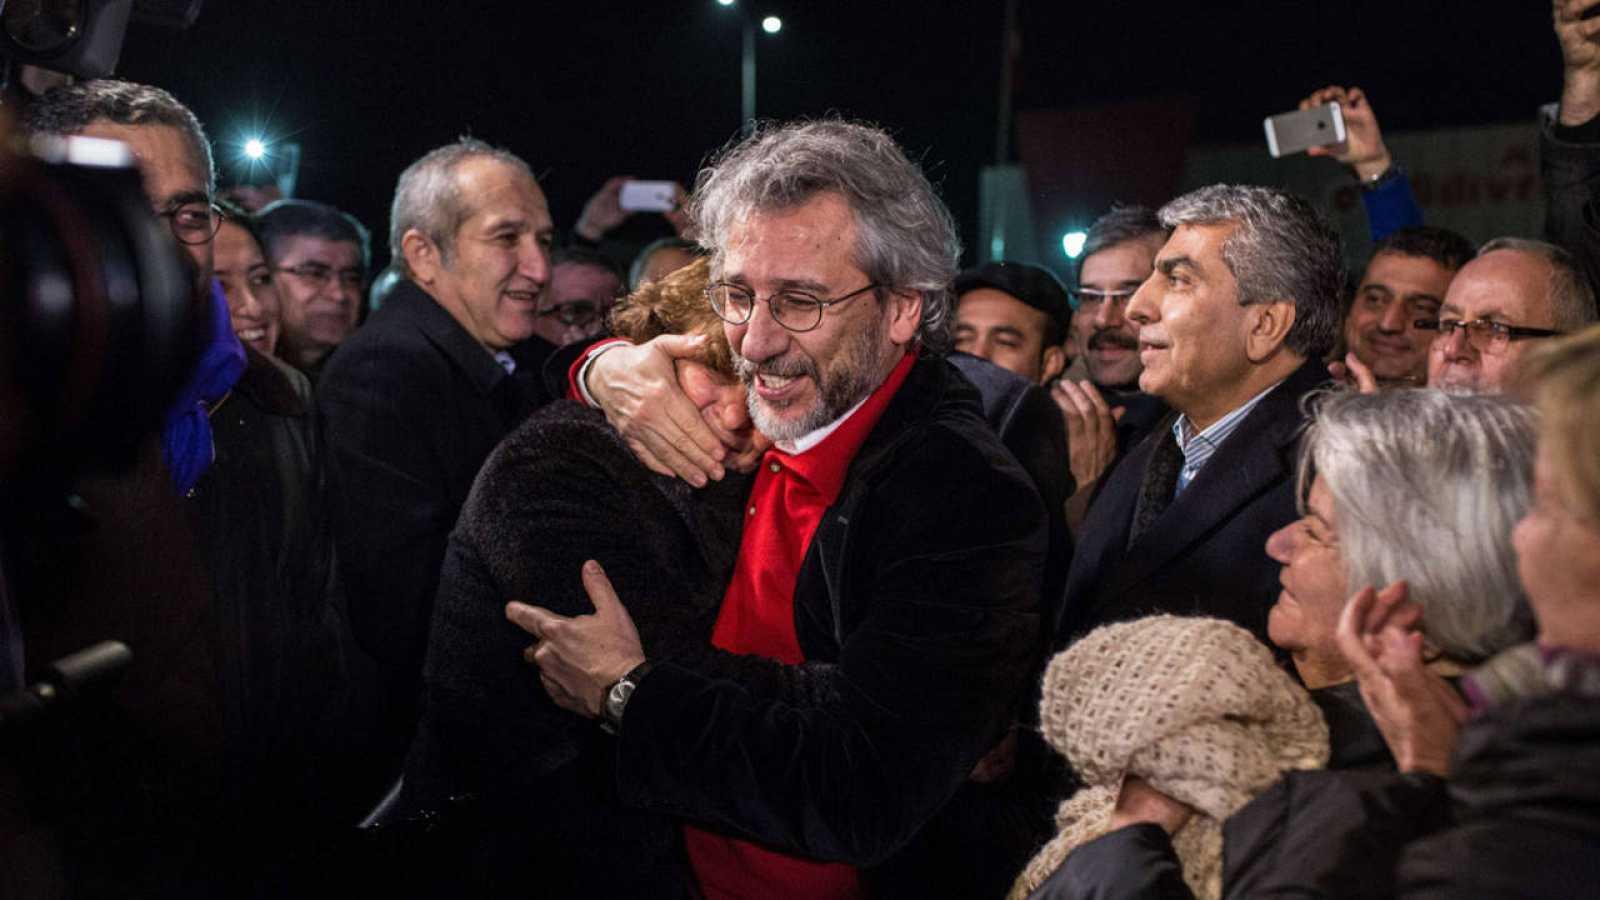 El periodista Can Dündar abraza a su esposa, Dilek Dundar, tras ser liberado en Turquía